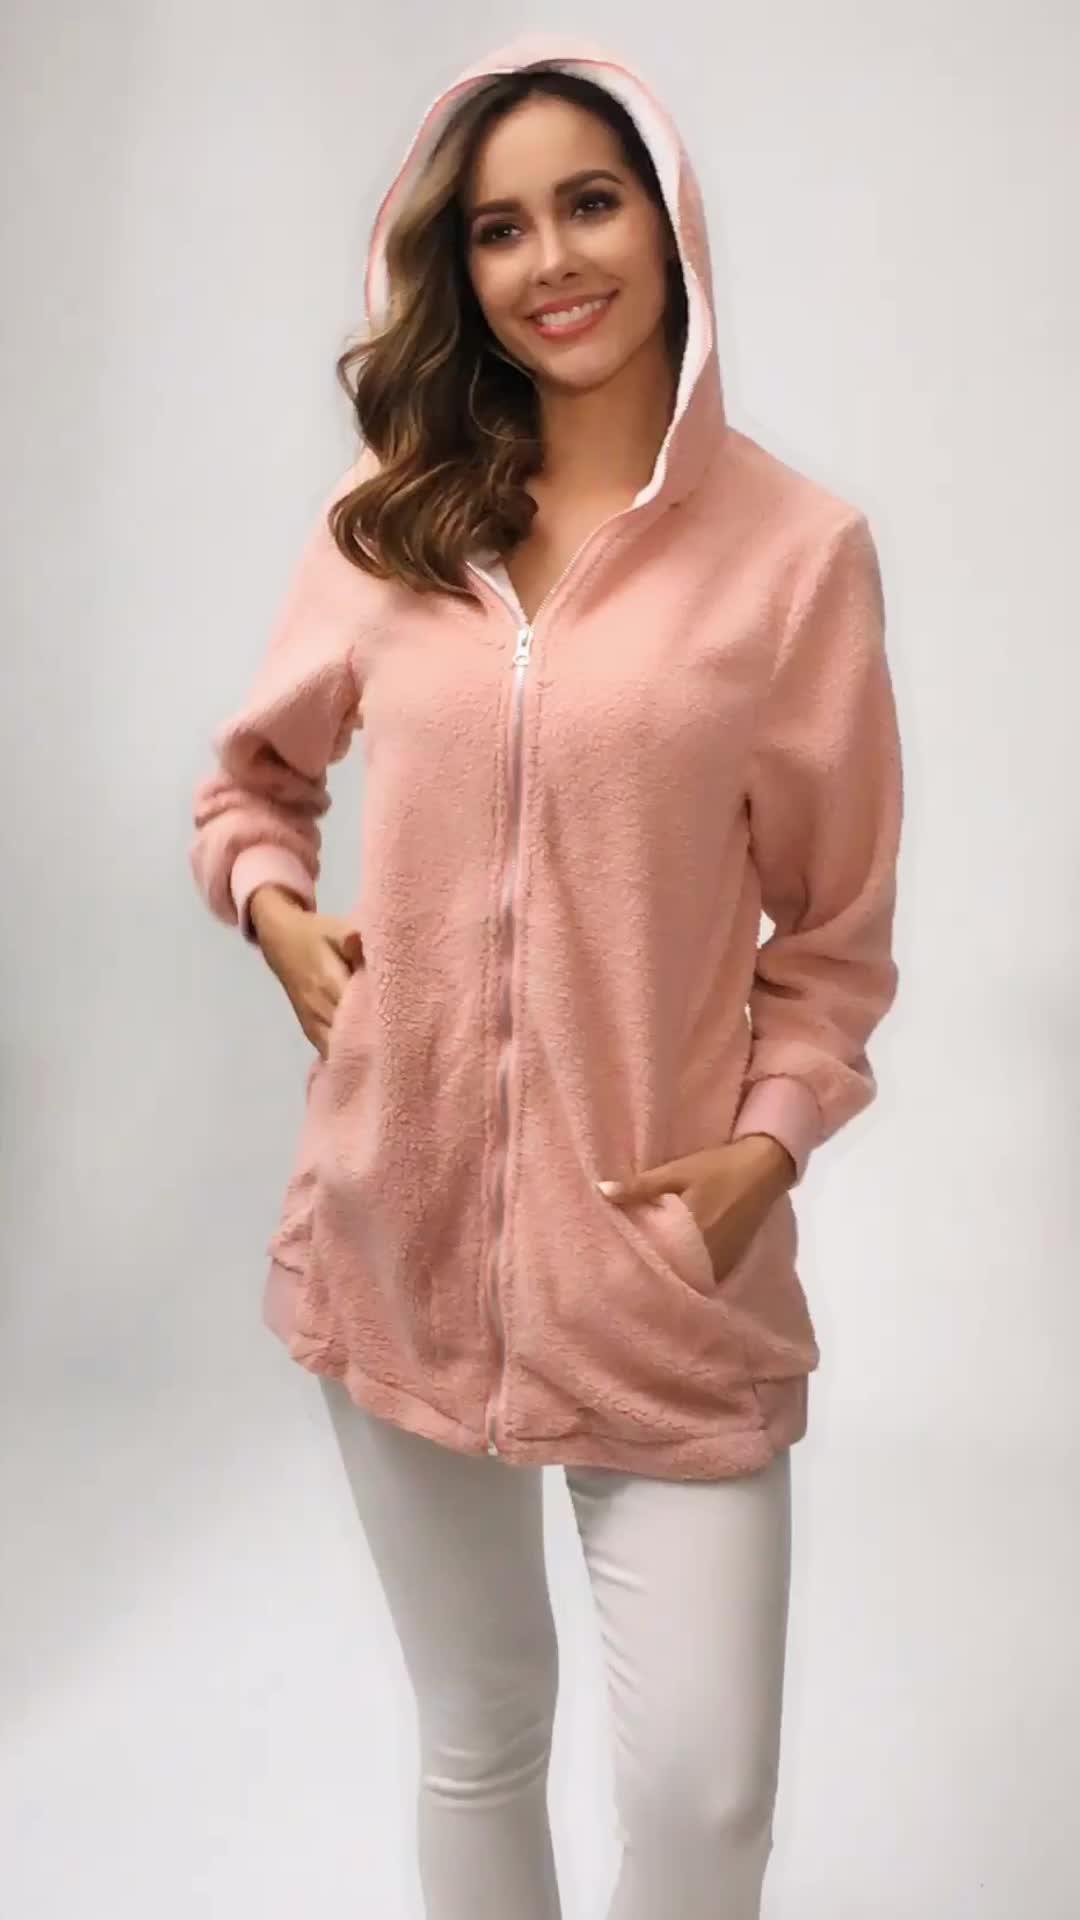 Dame hiver fourrure manteau nouveau style sweat à capuche en laine polaire chaude veste pour femme hiver femme manteau agneau